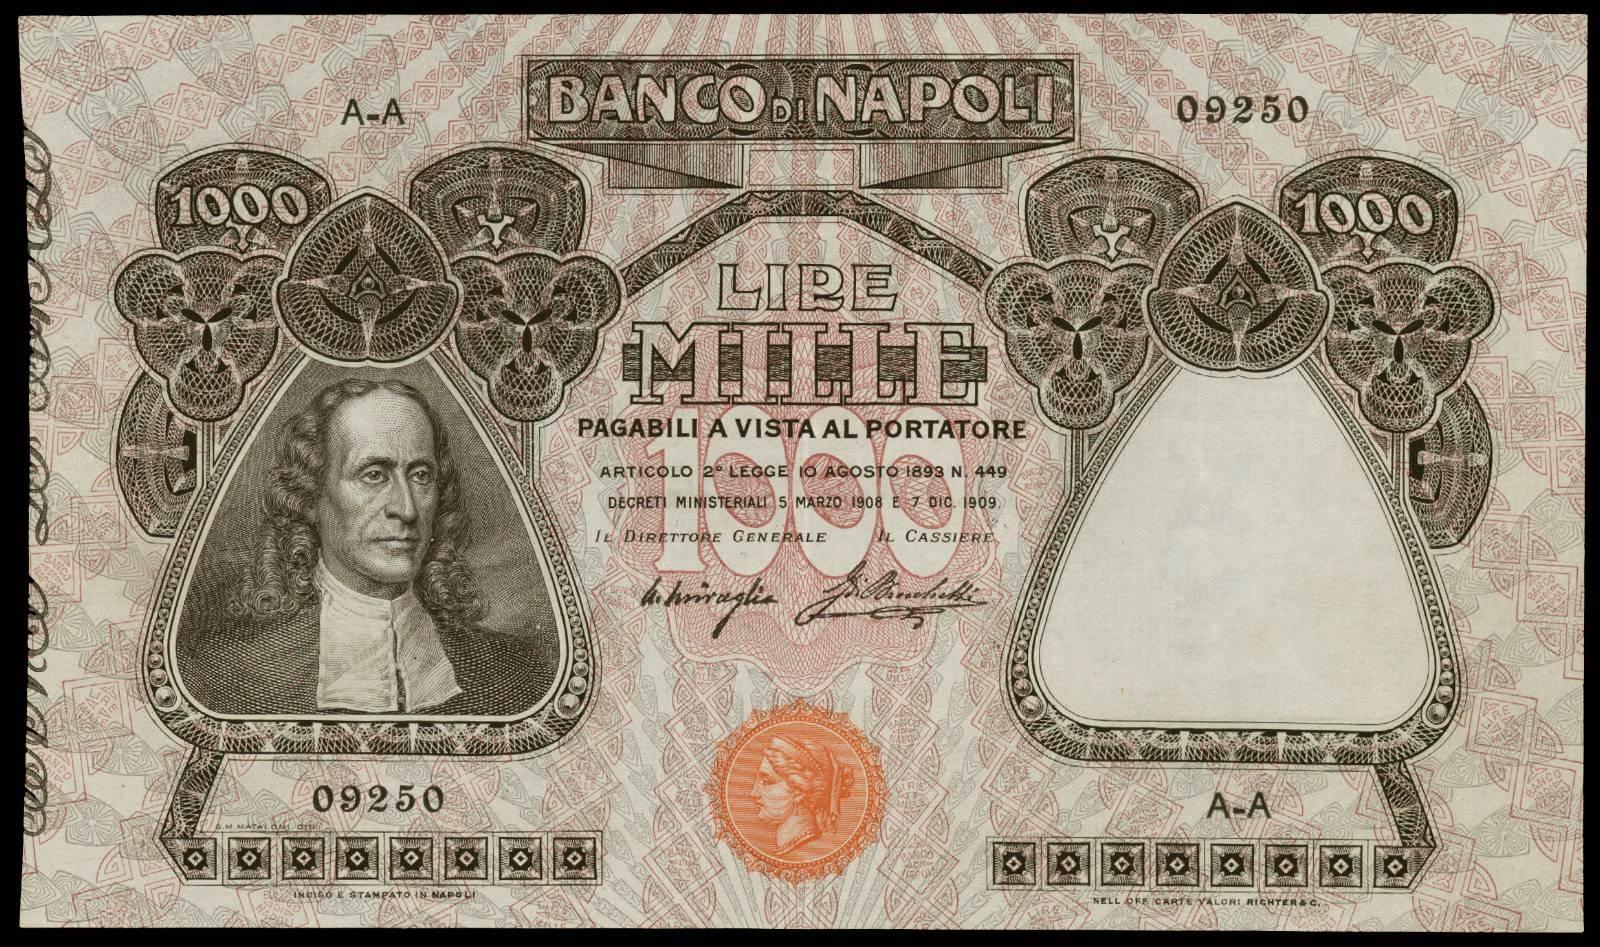 Italy 1000 Lire banknote Banco di Napoli